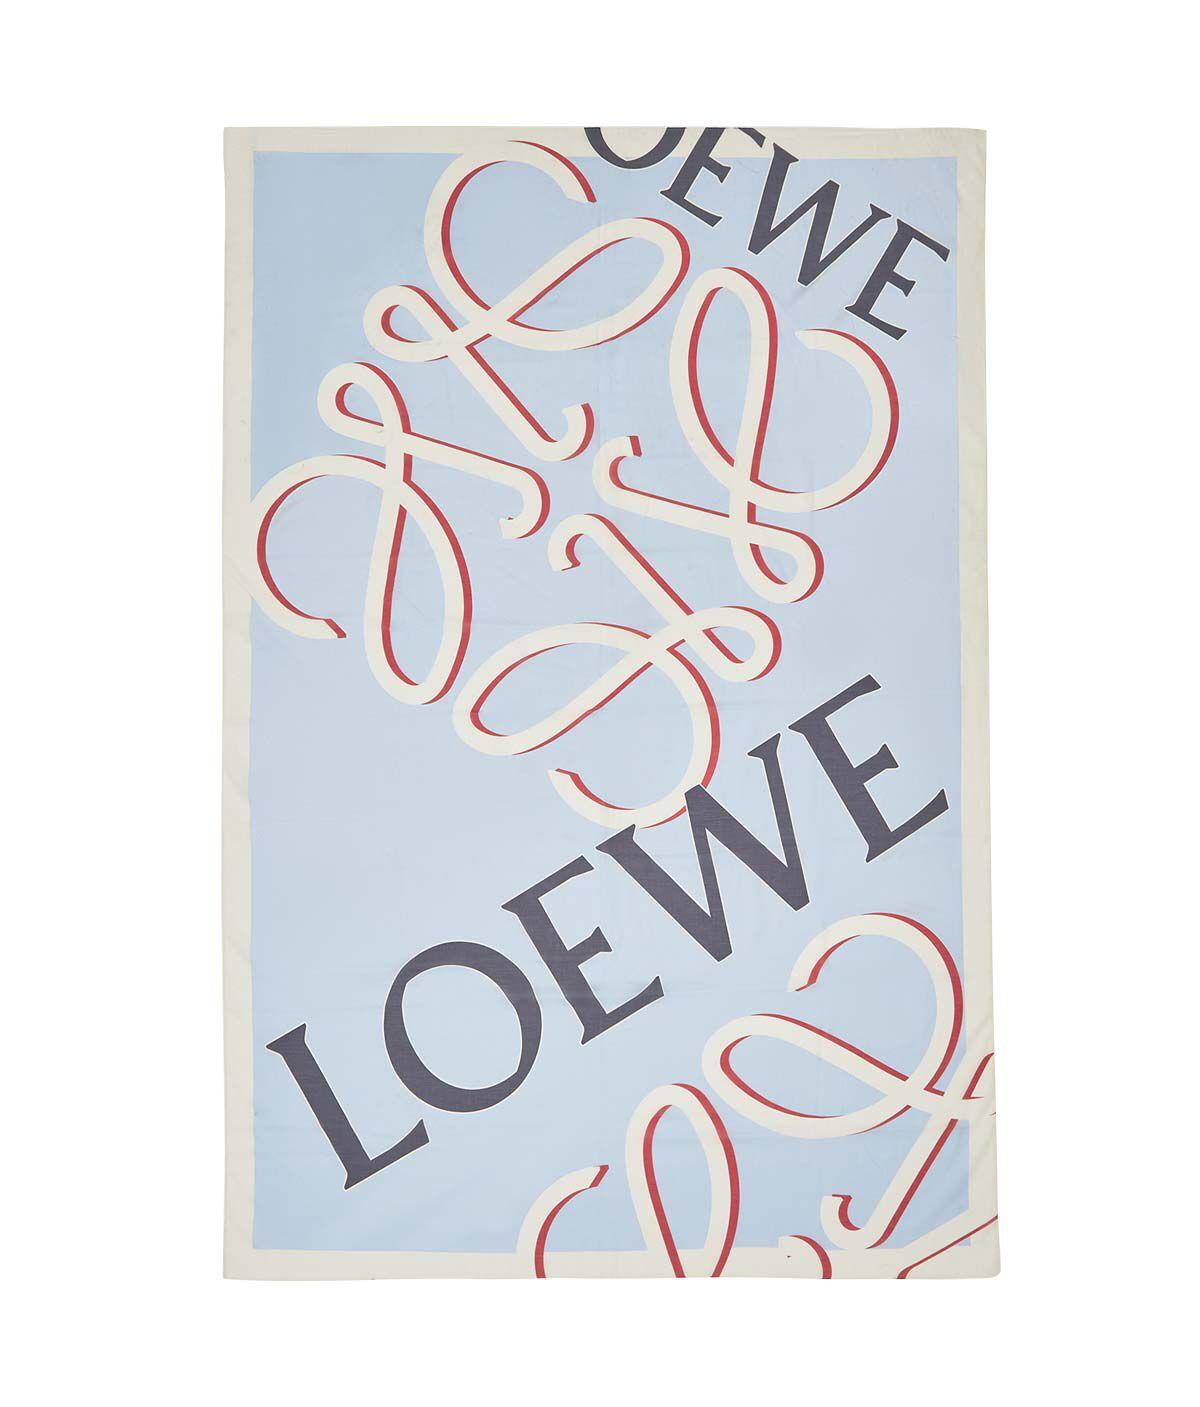 LOEWE 140X200 スカーフロエベアナグラム ライトブルー all